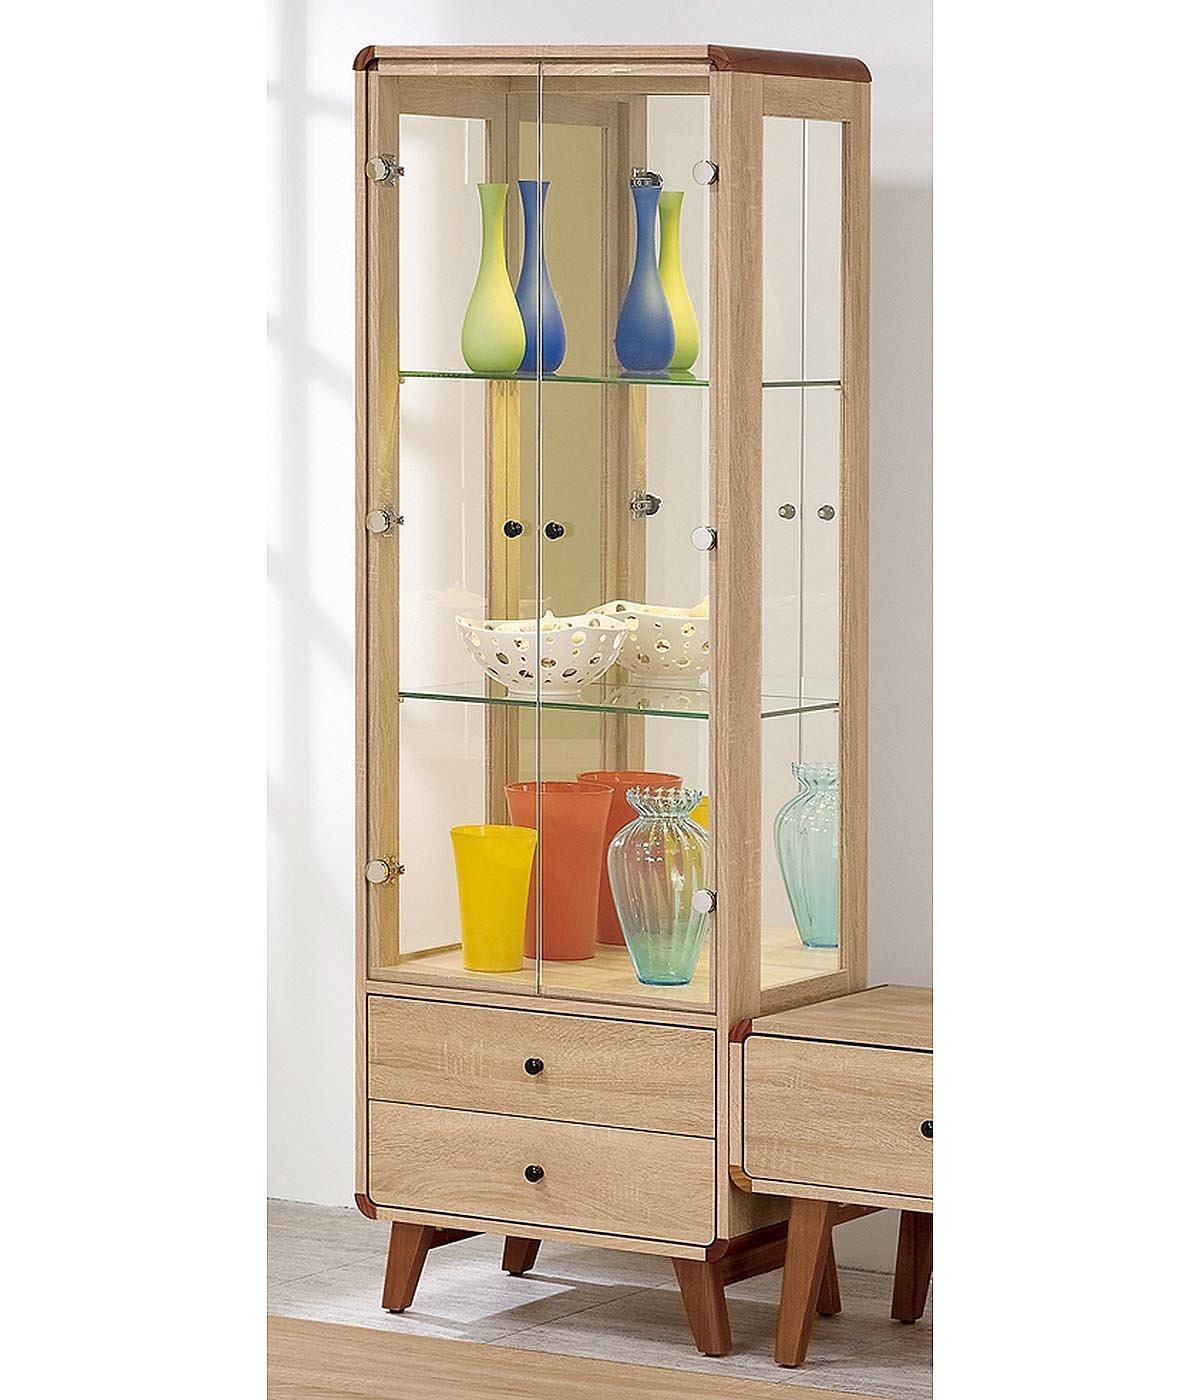 【森可家居】柏克2尺展示櫃 8ZX578-3 客廳收納 玻璃 酒櫃 模型櫃 木紋 無印風 北歐風